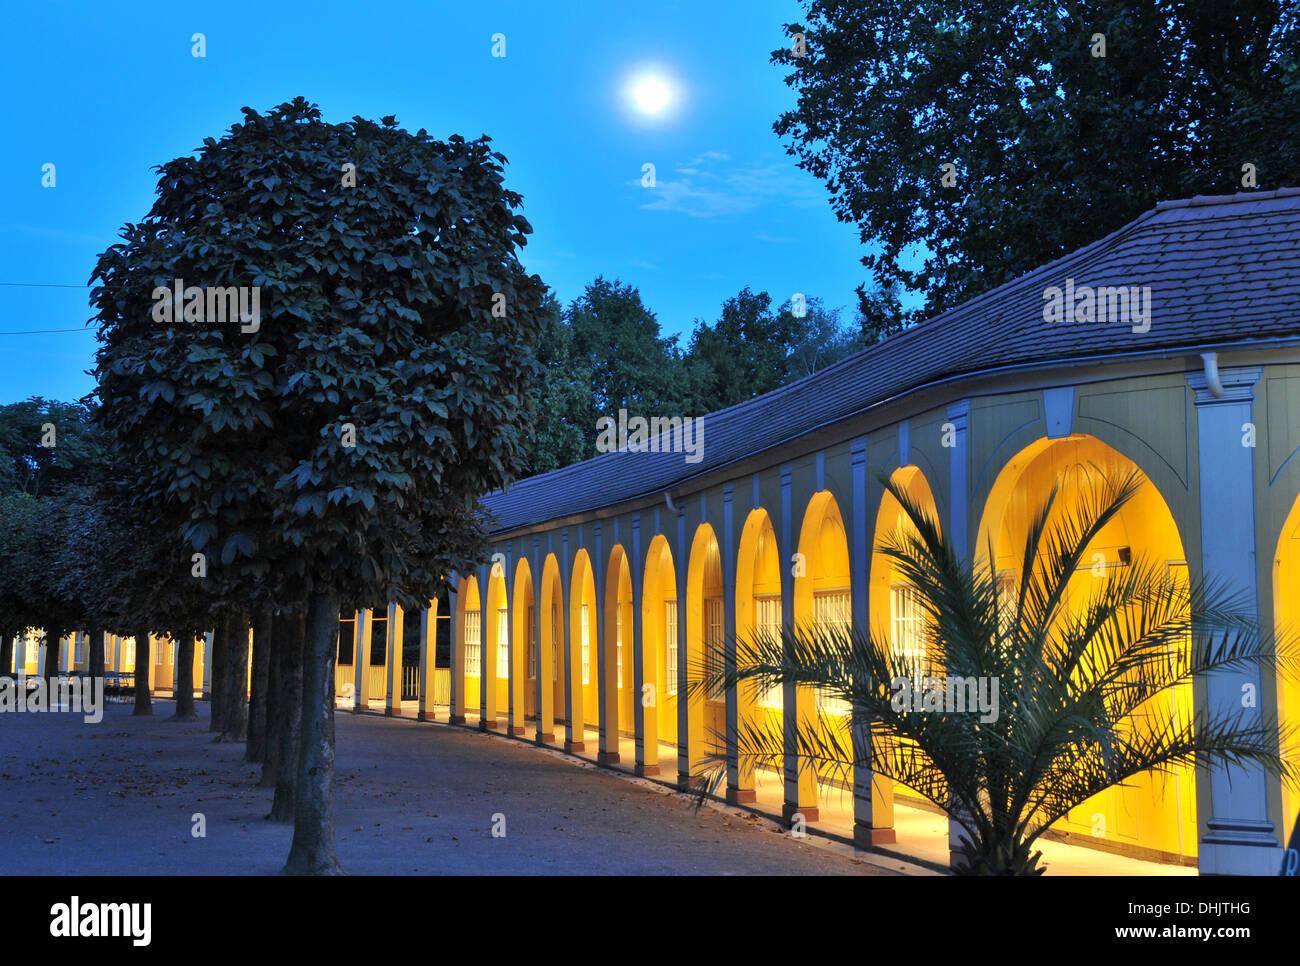 Portici illuminati al Kurpark di notte, Bad Lauchstaedt, Sassonia-Anhalt, Germania, Europa Foto Stock